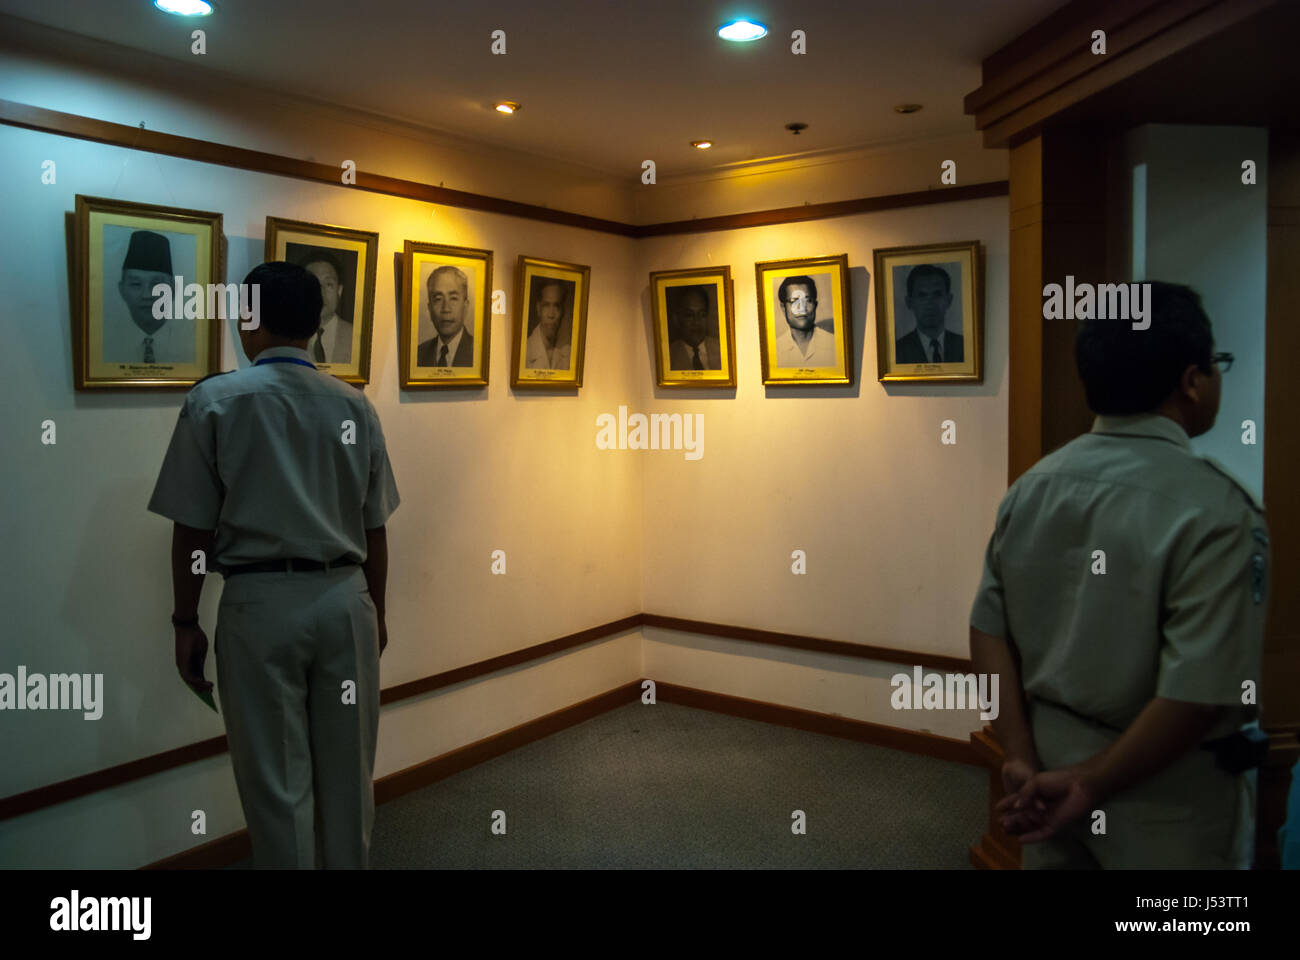 Les agents du gouvernement en prêtant attention aux portraits des précédents ministres de la Santé Photo Stock